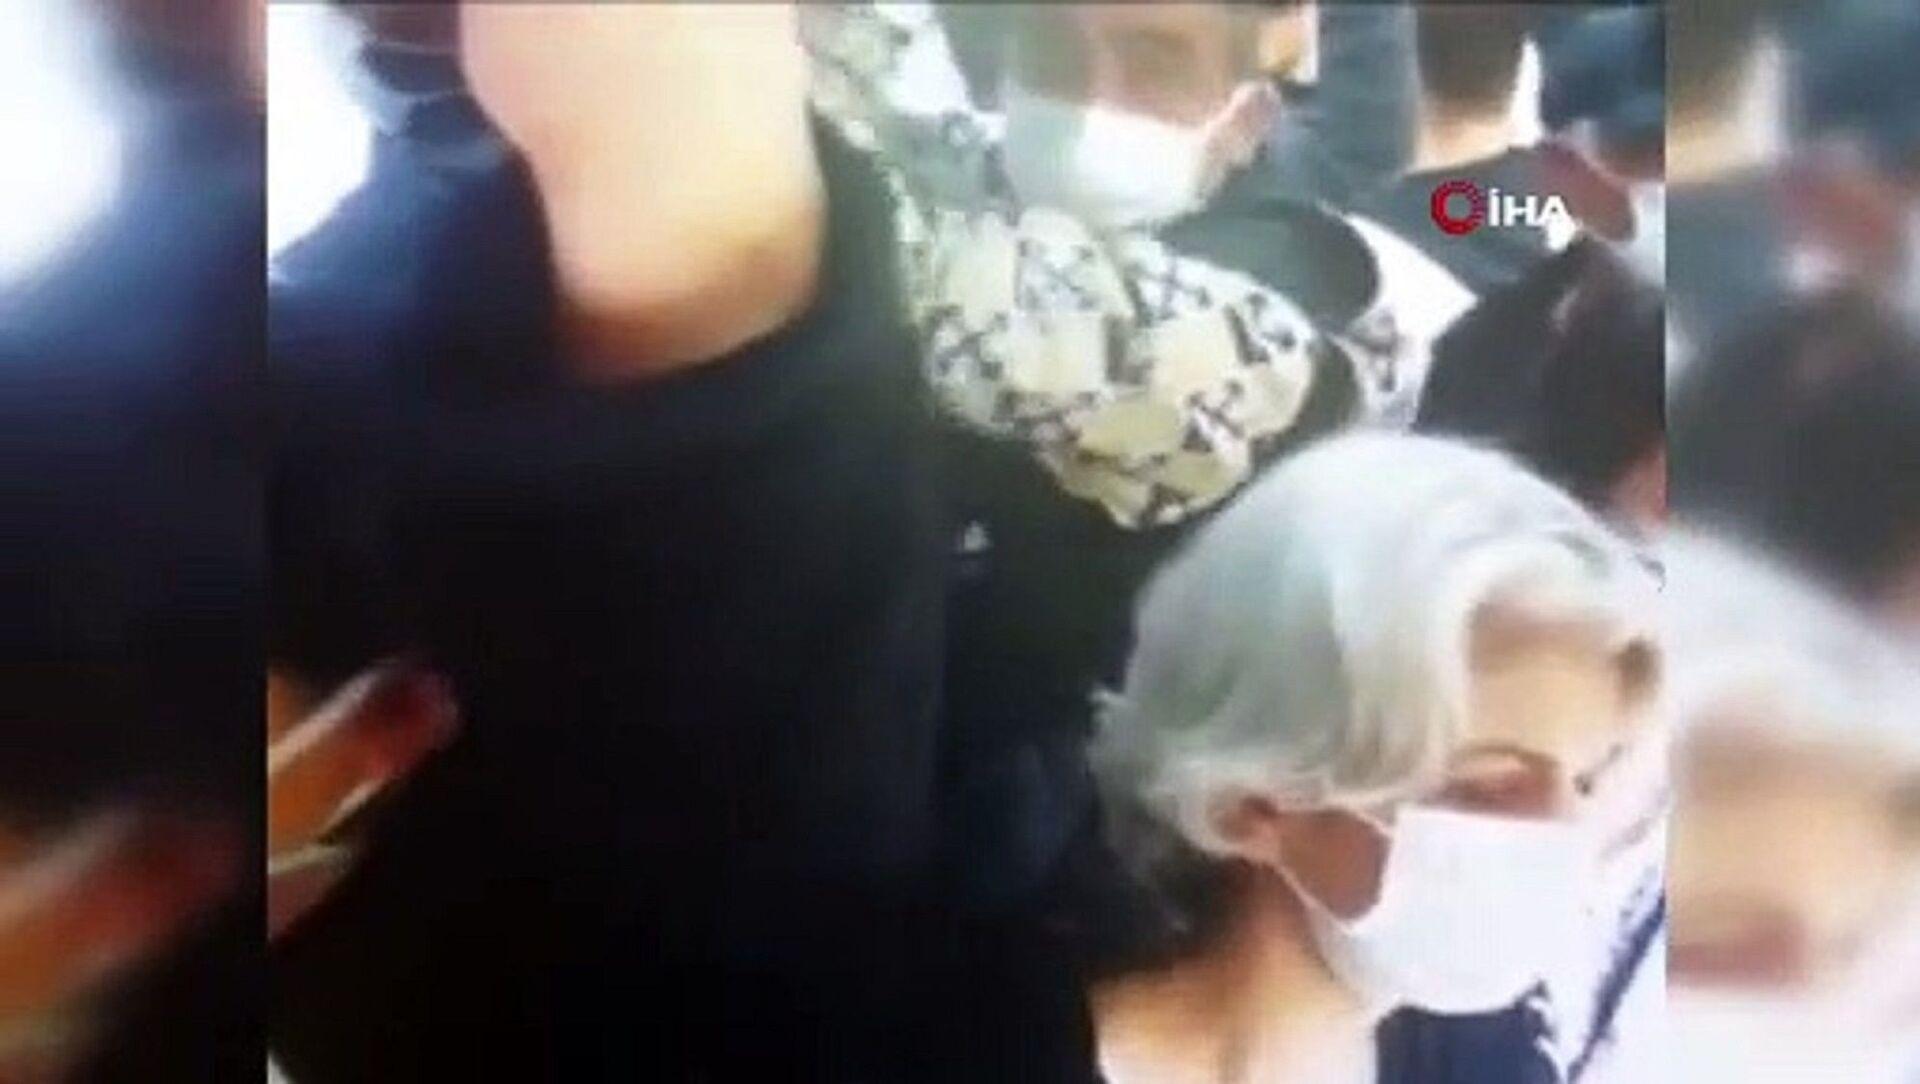 İstanbul Esenyurt'ta minibüste bir yolcunun cüzdanını çalan hırsızlık zanlısı, yine aynı durakta bir yolcunun cüzdanını çalarken suçüstü yakalandı. Hırsızlık anları kameralara da yansıdı. - Sputnik Türkiye, 1920, 11.06.2021